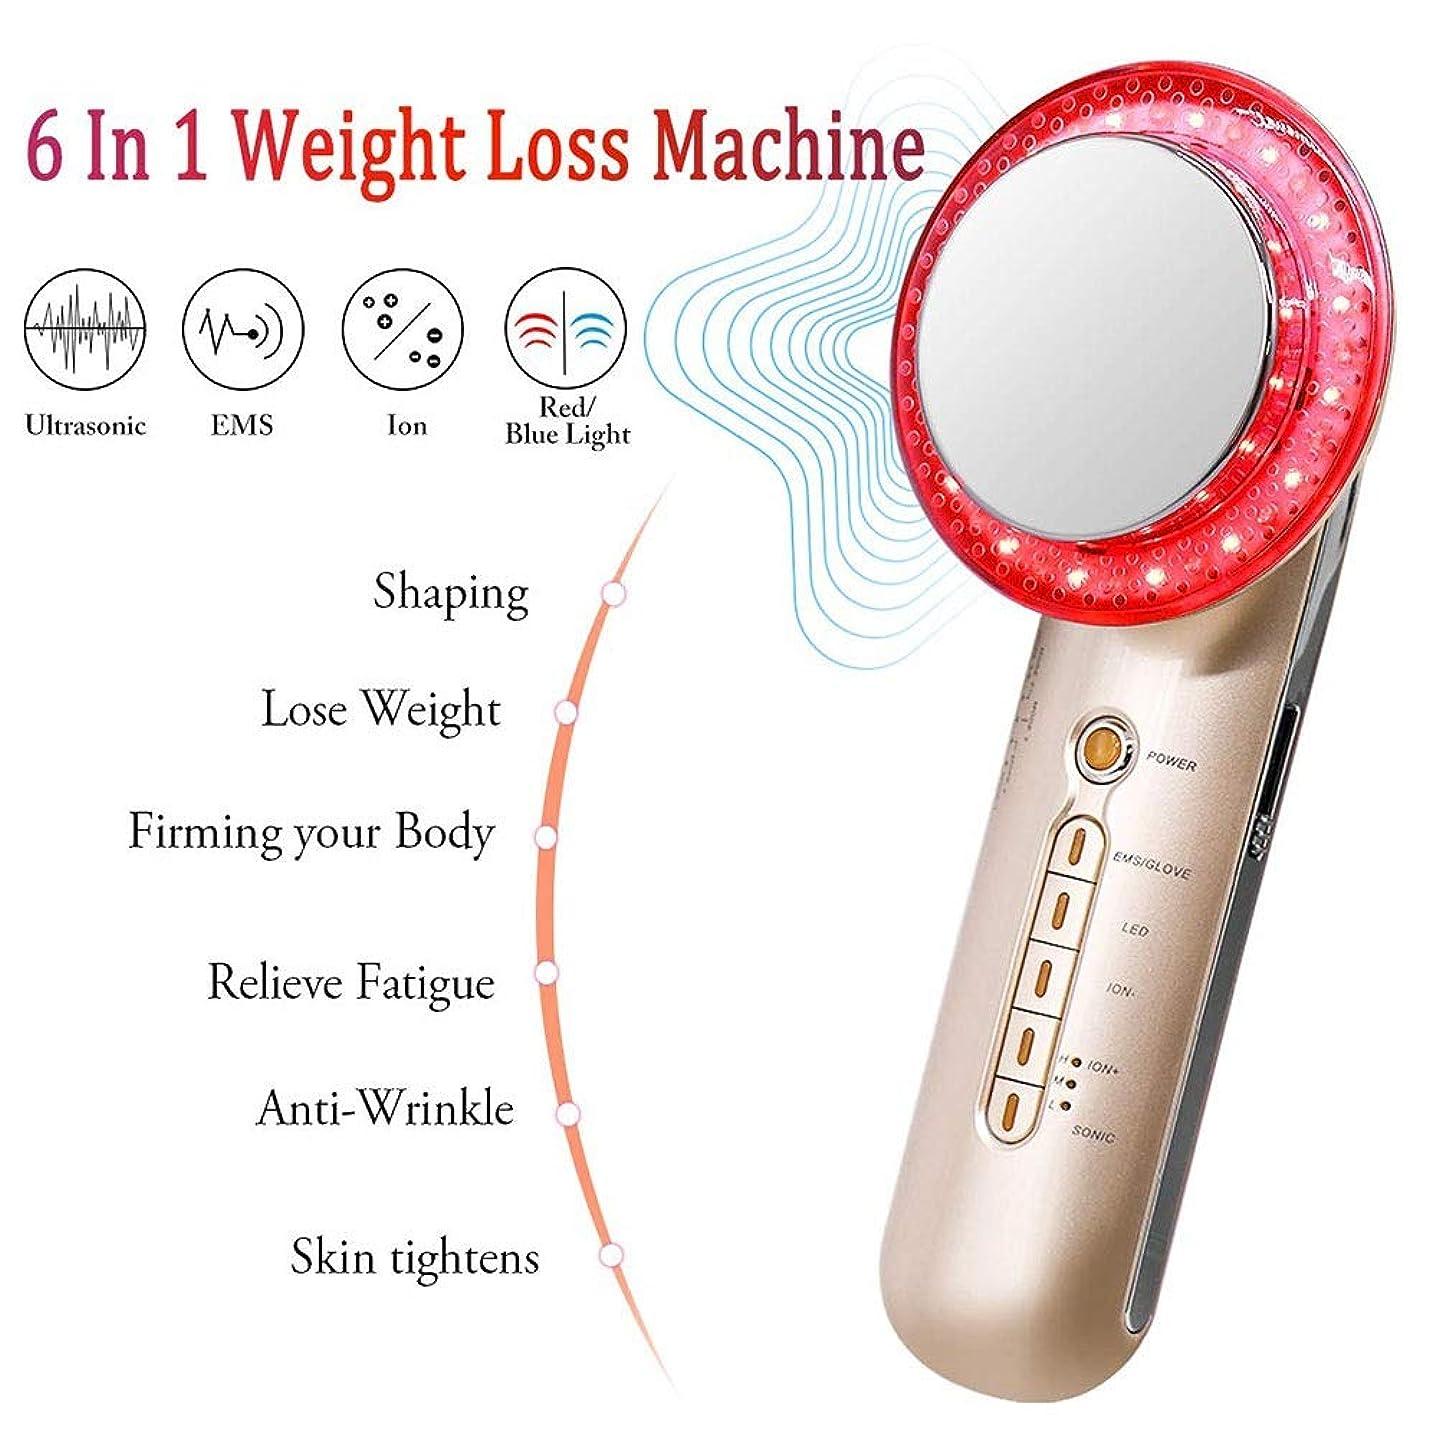 体操選手口ひげ過剰6 1台の減量のマシンでは、多機能マッサージャー脂肪燃焼マシン、EMSボディシェーピングマシン、イオンブルーレッドライトホーム用スキンケア美容デバイスとのファットリムーバーマシンは、肌のための締め